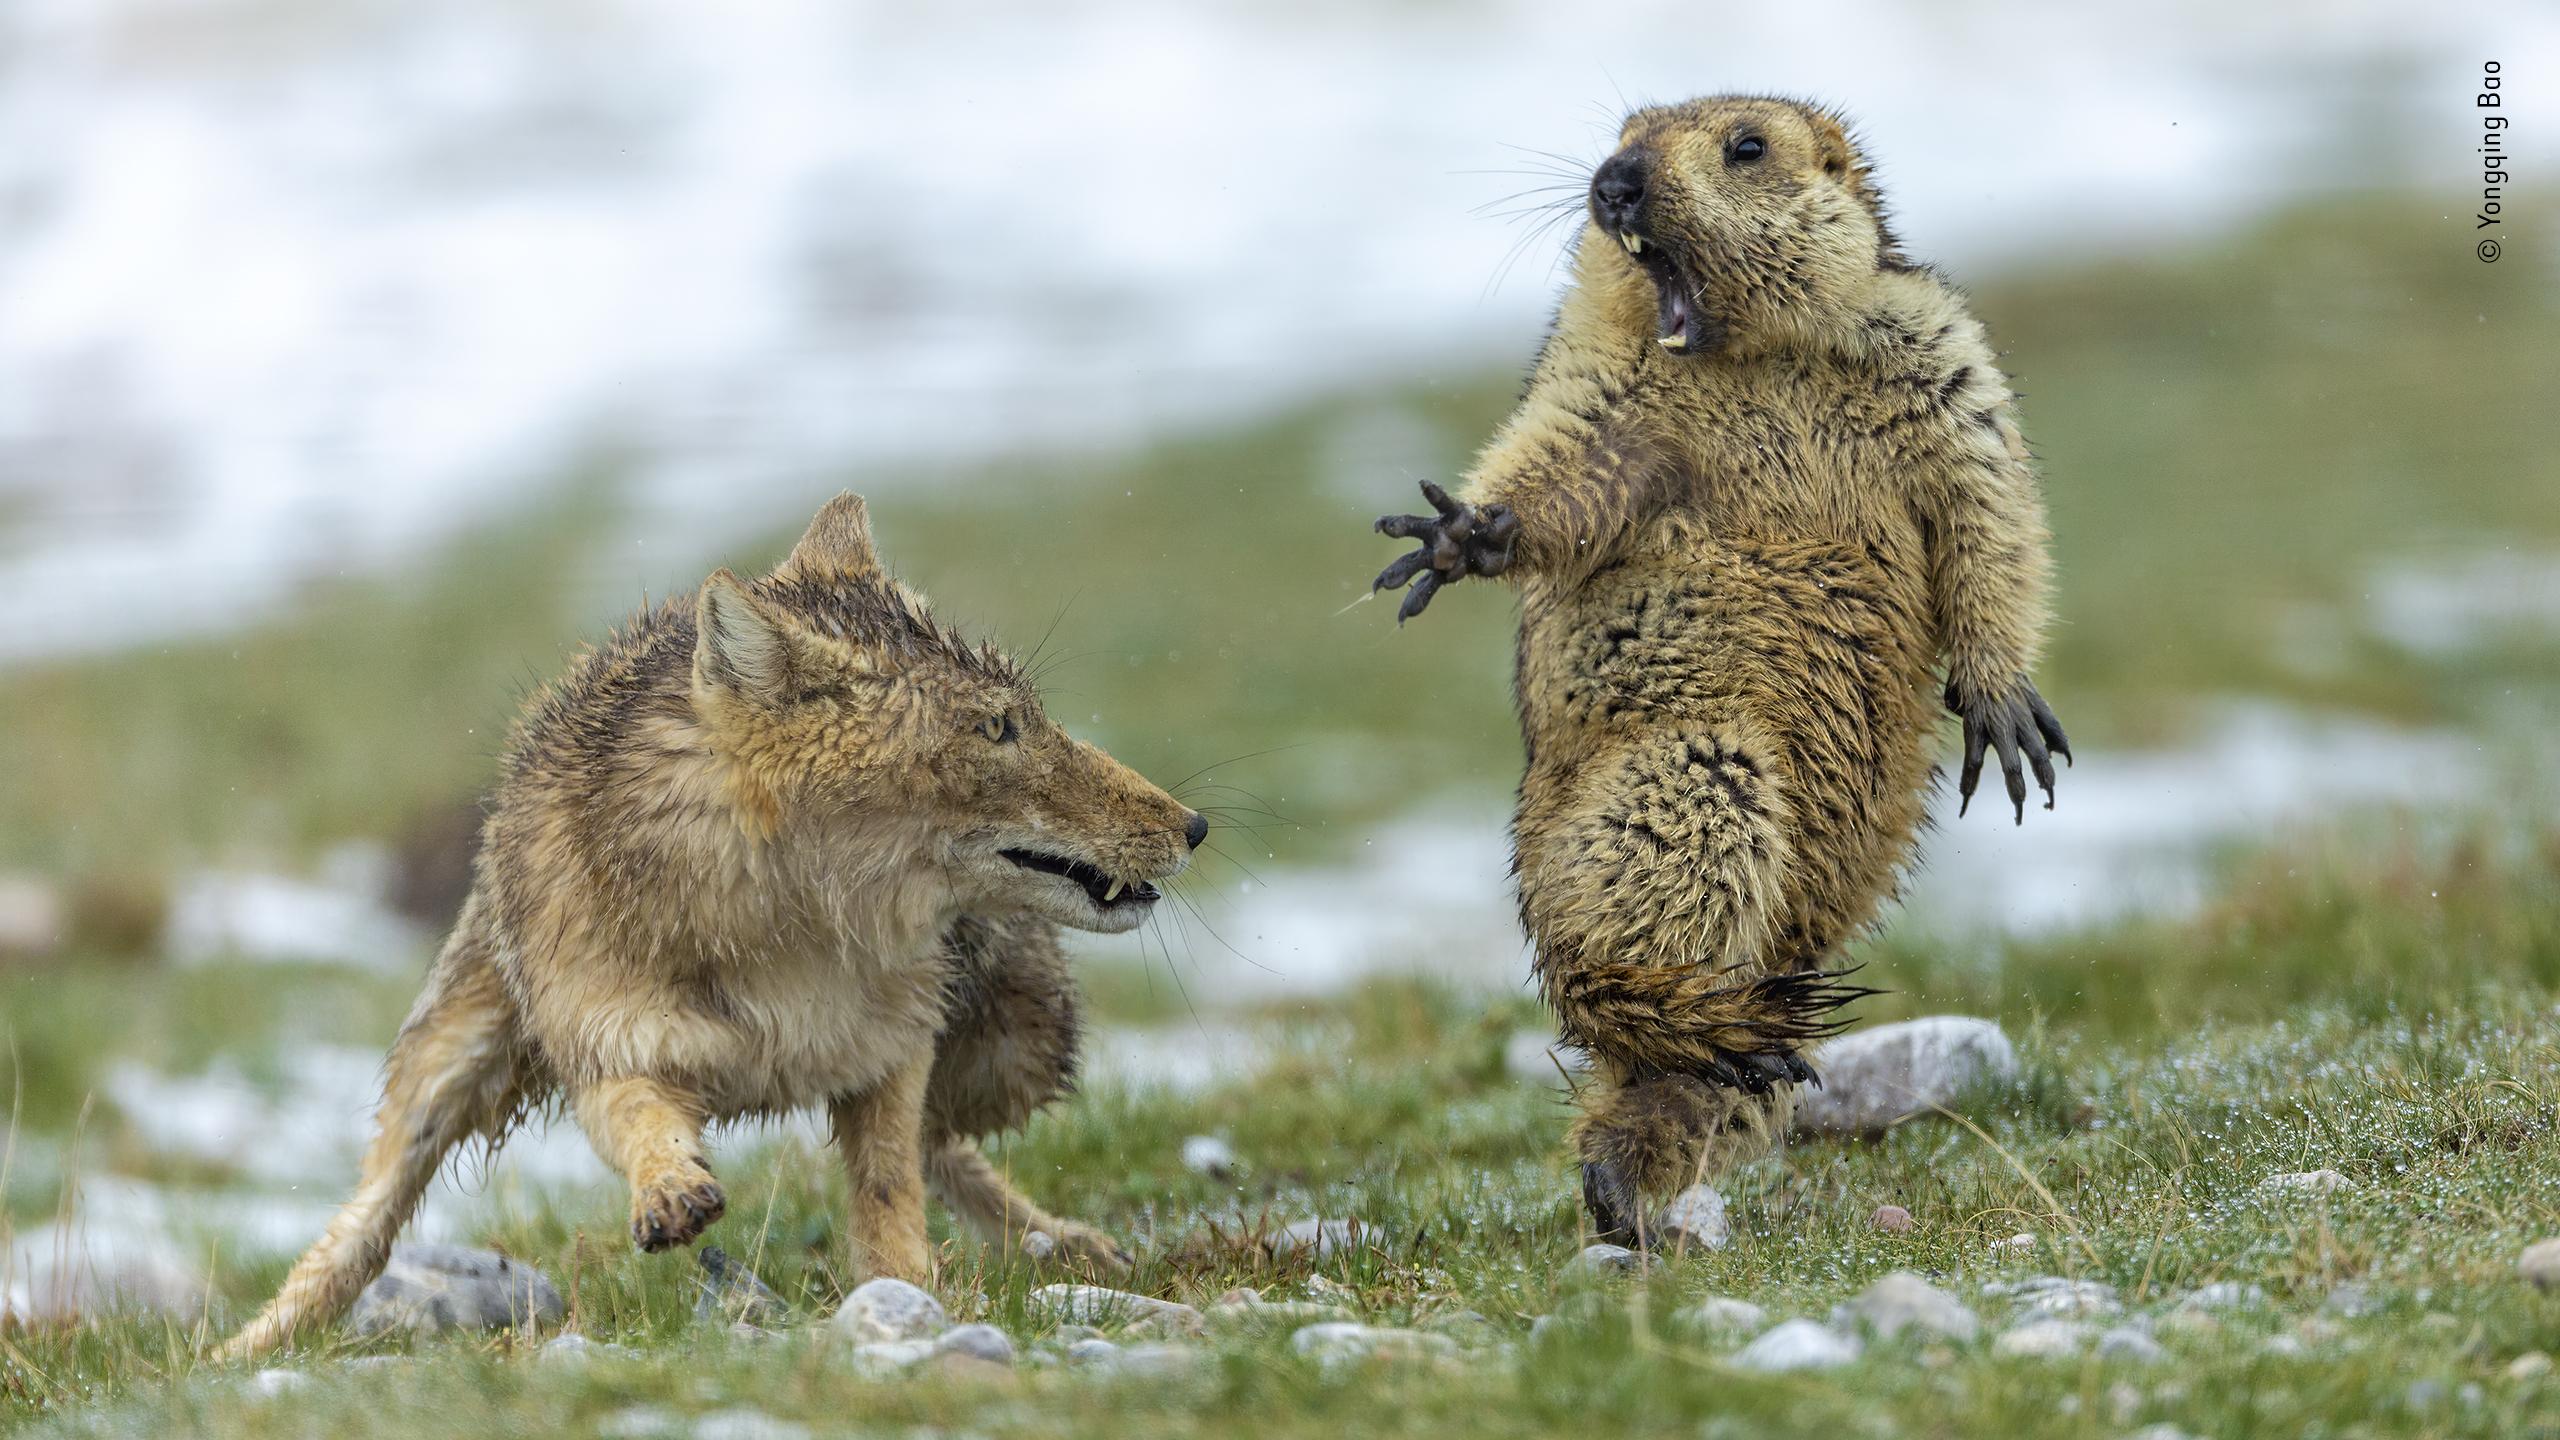 Drammi e bellezze della natura selvaggia. La nuova edizione di Wildlife Photographer of the Year al Forte di Bard